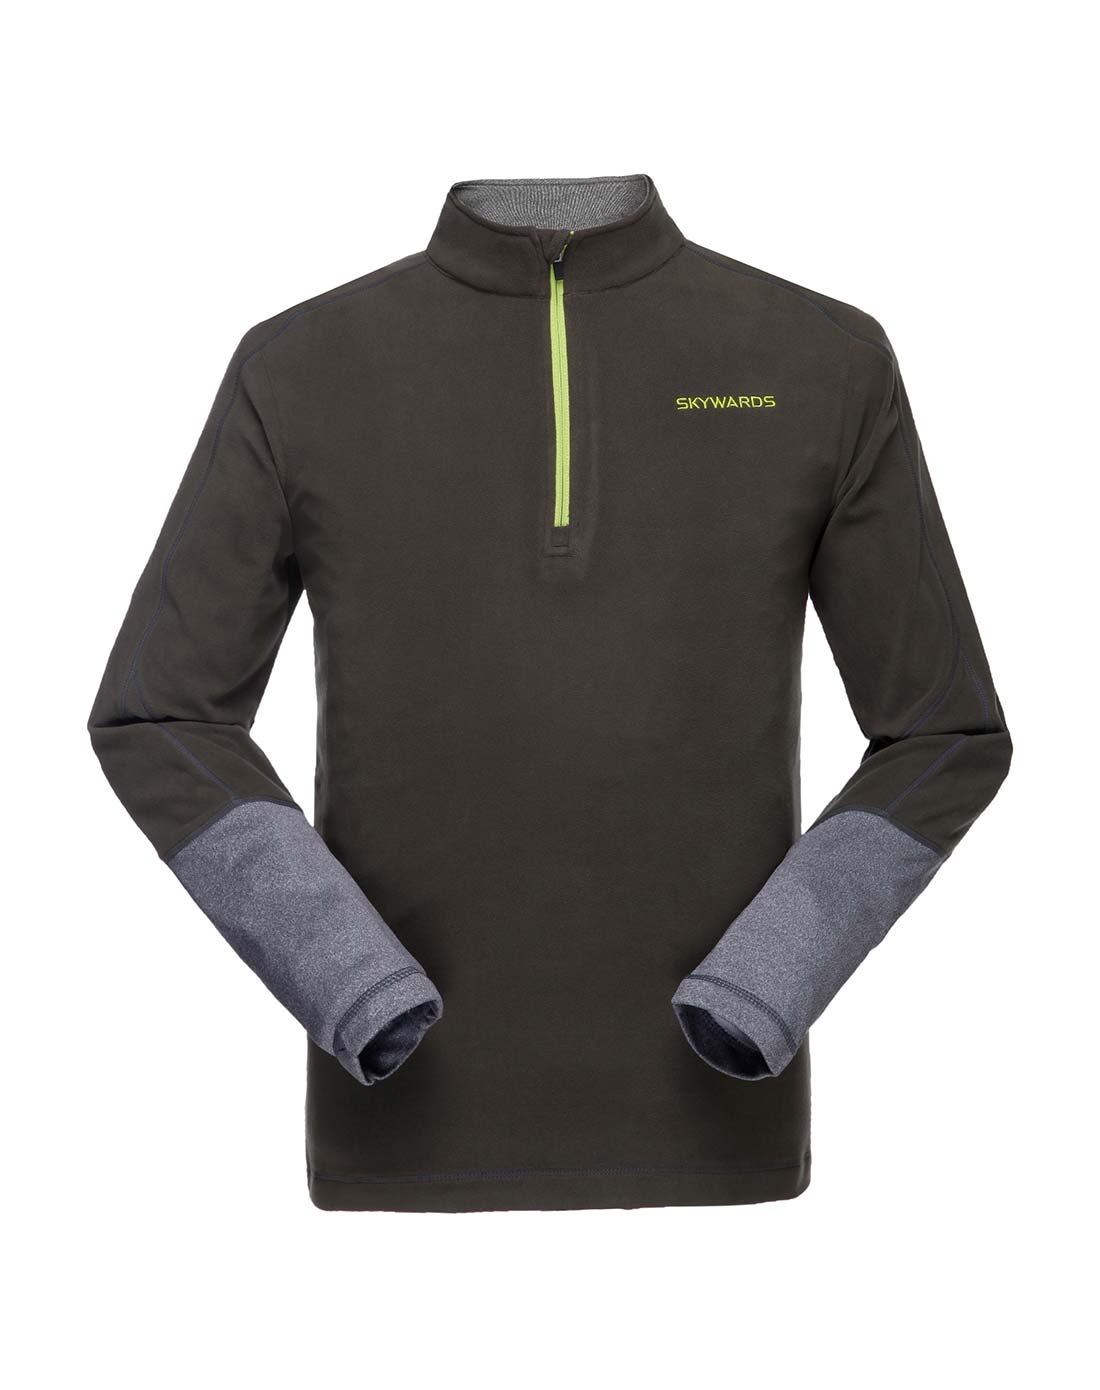 塞沃斯 男款森林綠拼深灰半開胸抓絨衣 抗靜電防風保暖